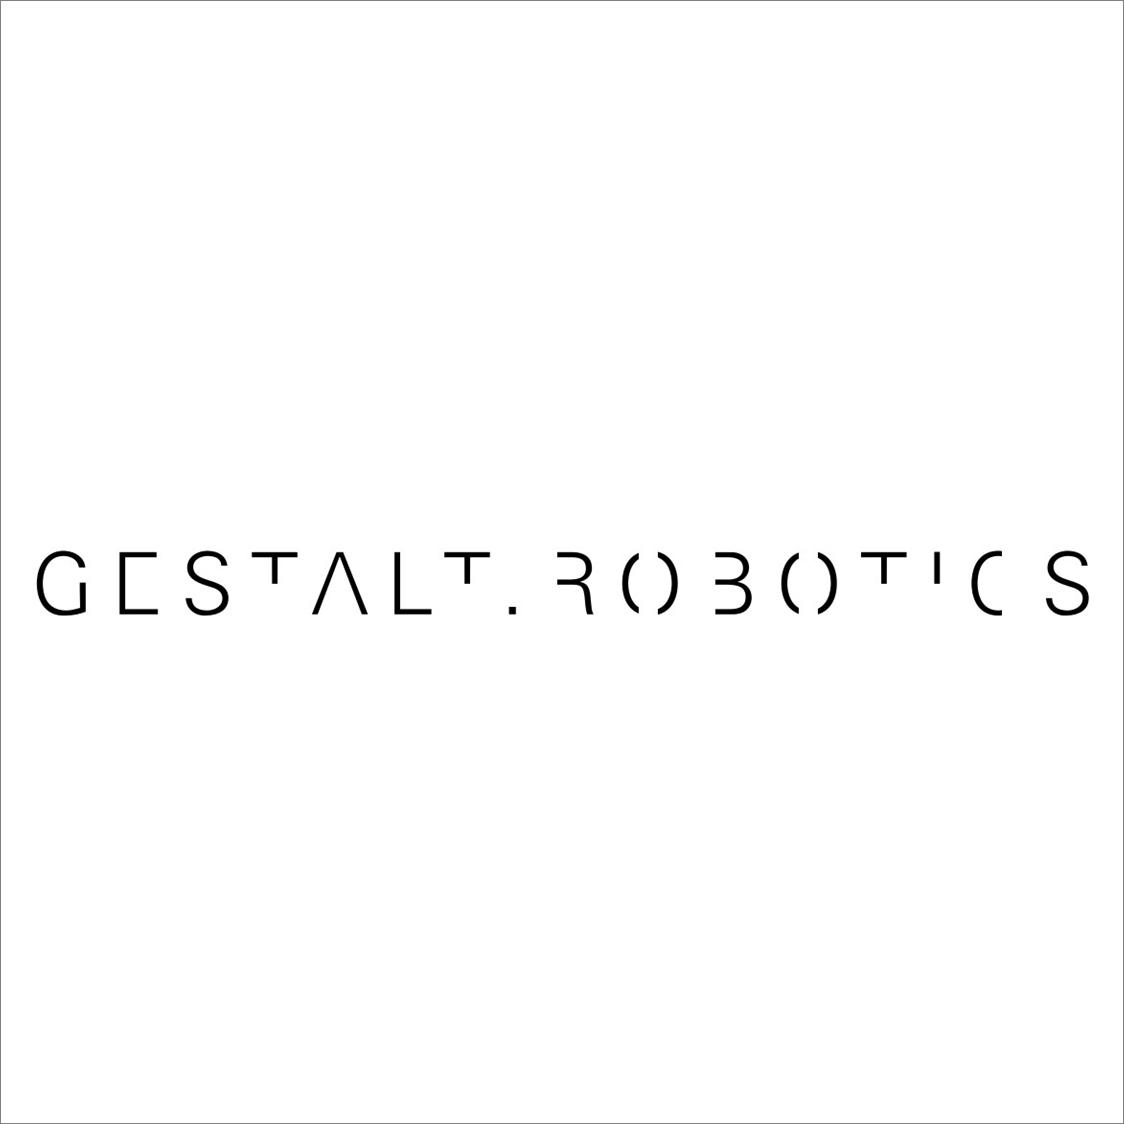 GestaltRobotics